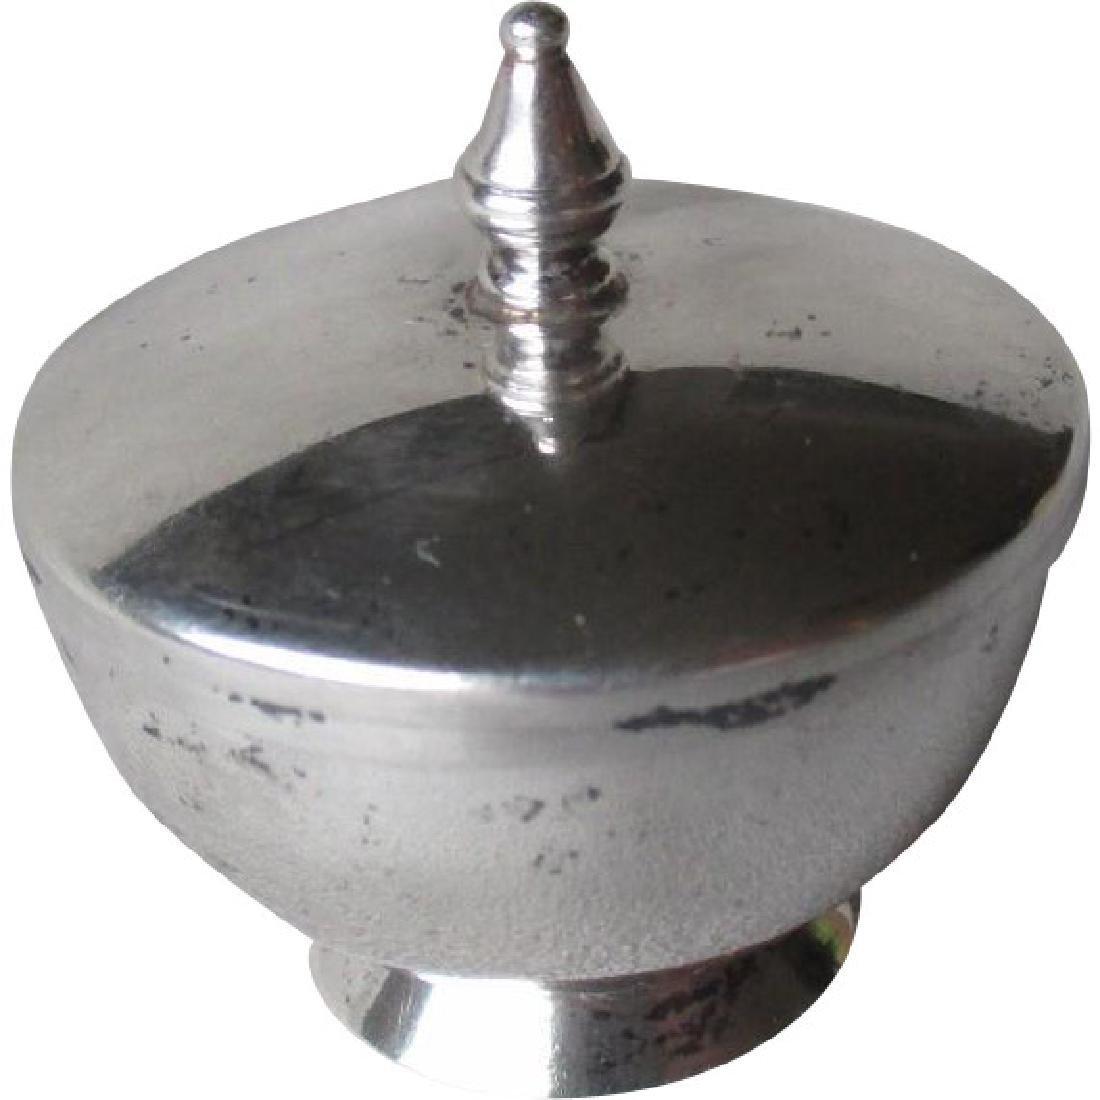 Gorham Sterling Silver Covered Salt Dish